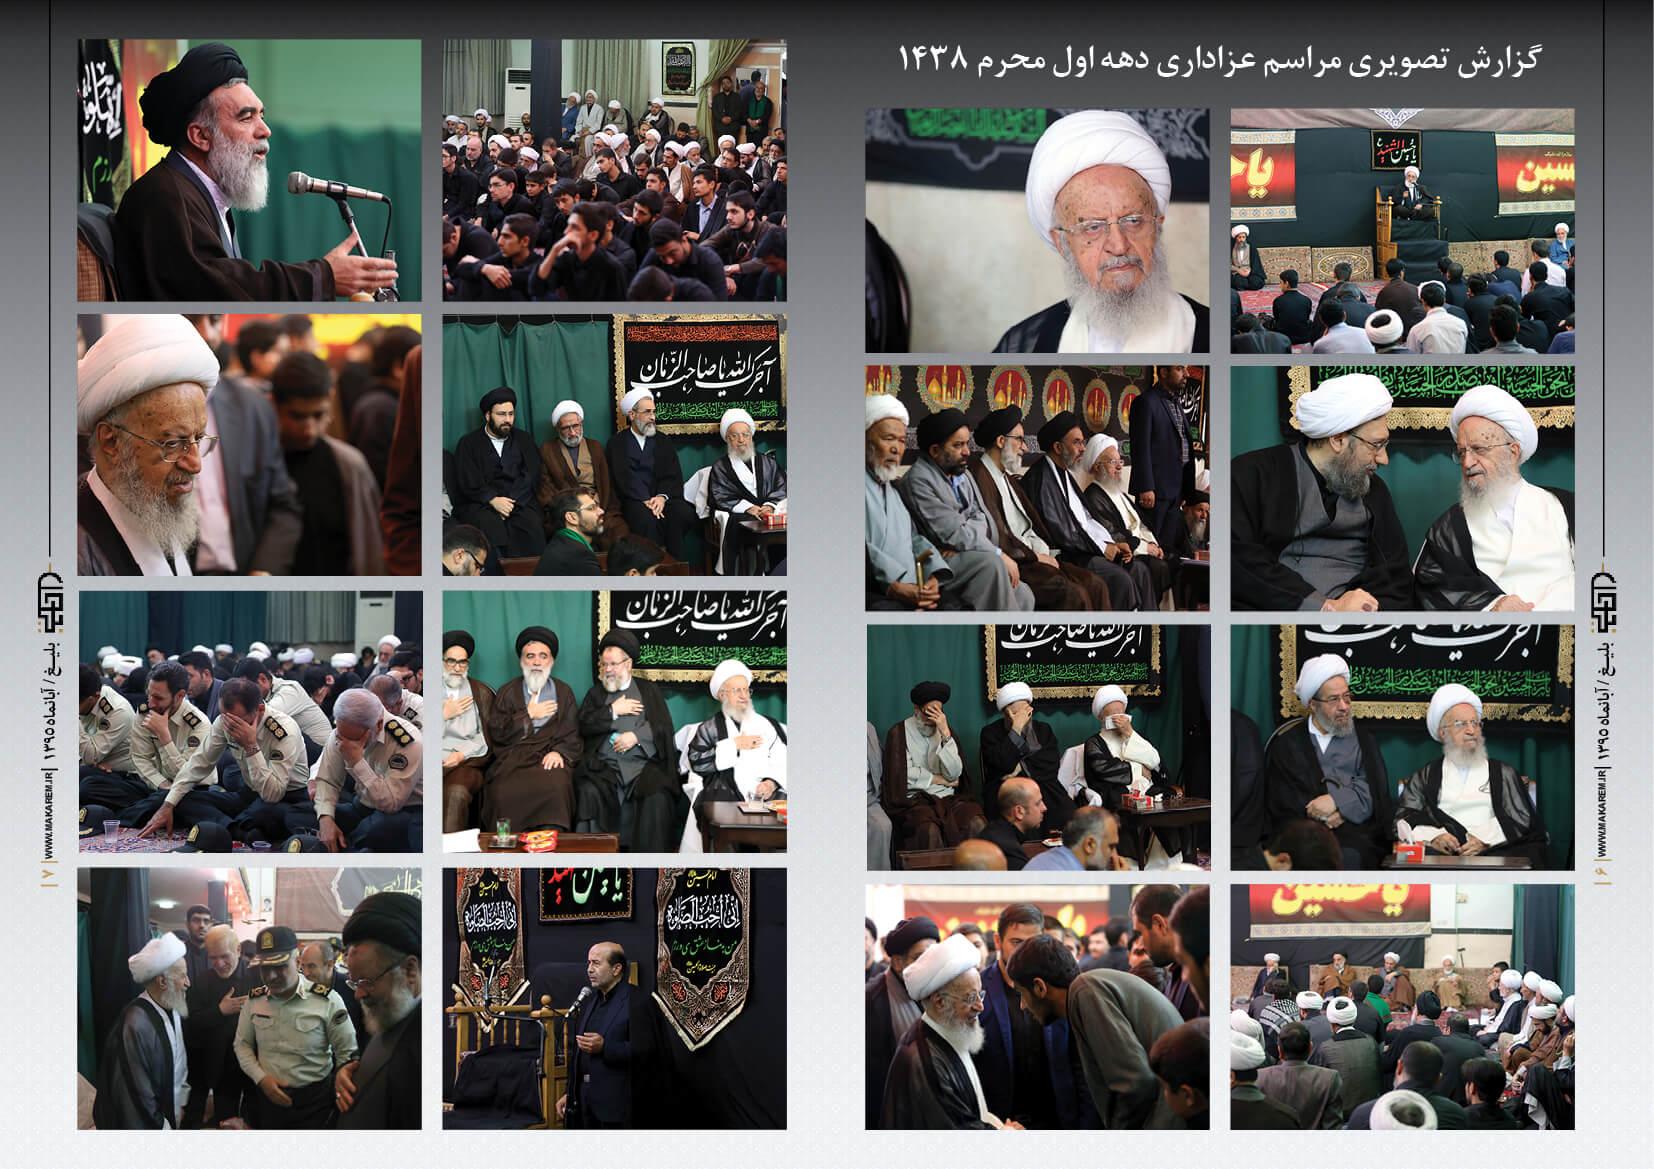 گزارش تصویری مراسم عزاداری دهه اول محرم 1438-مدرسه الامام امیر المومنین (ع)